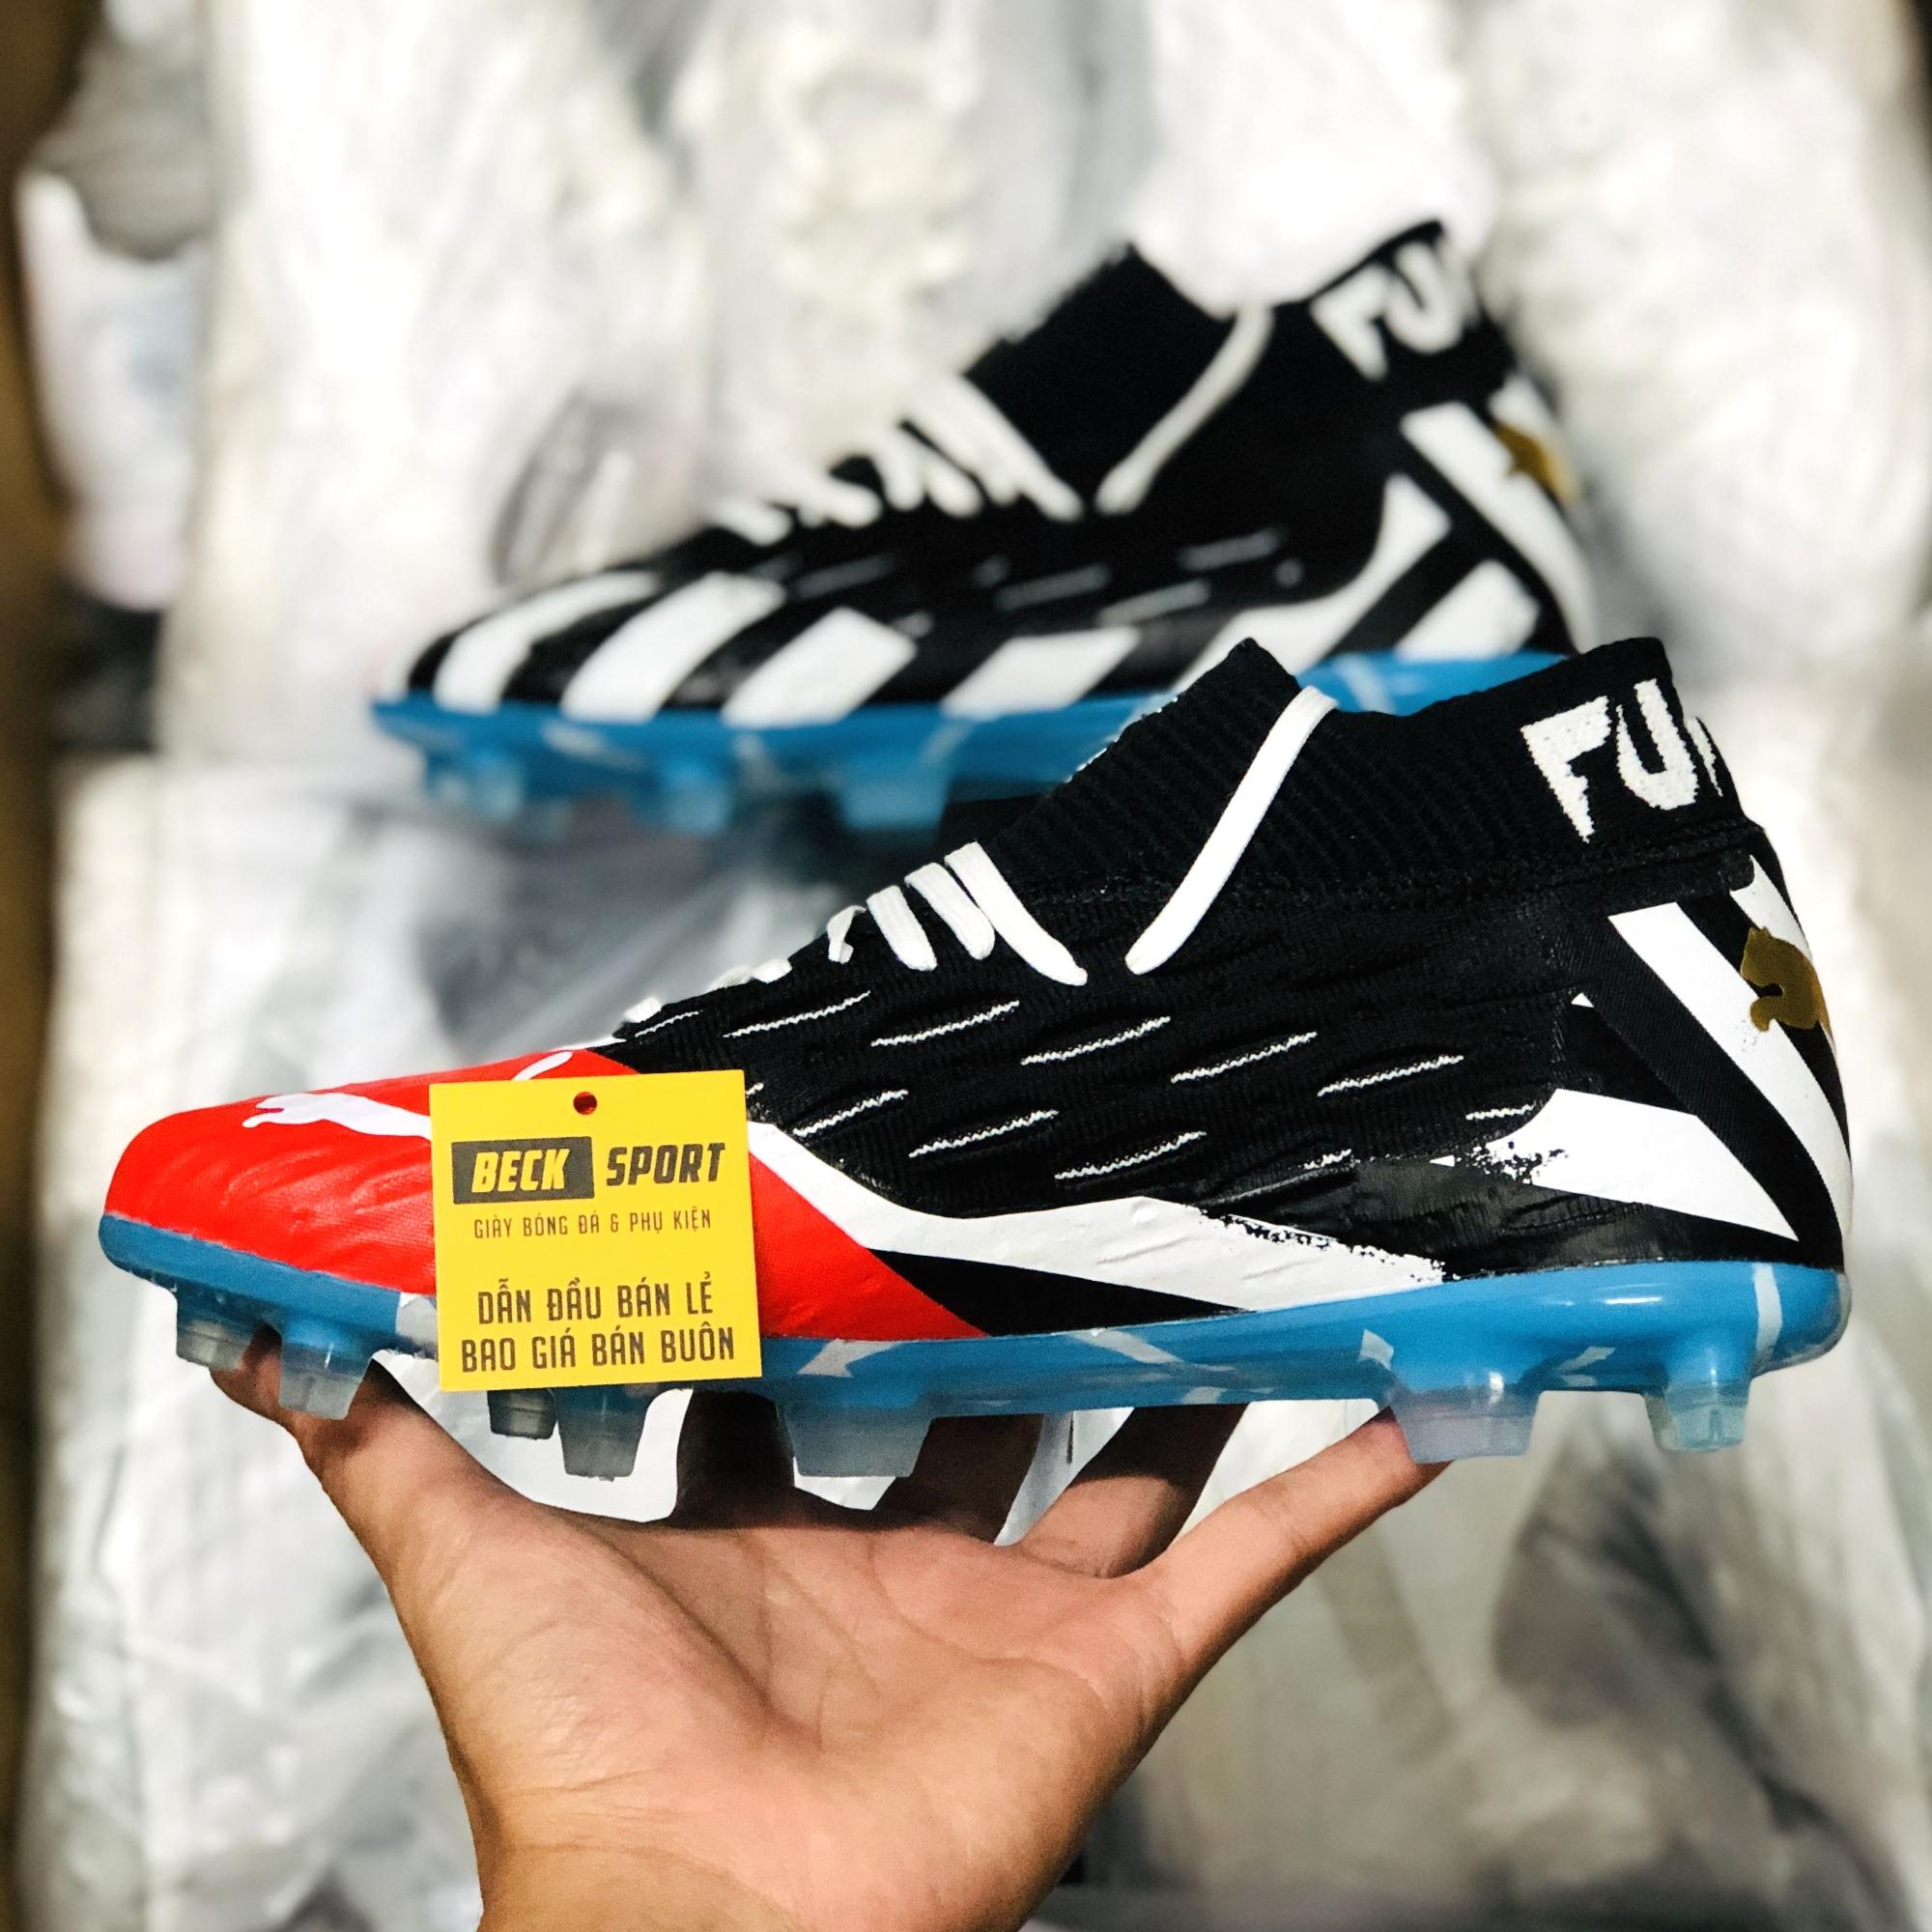 Giày Bóng Đá Puma Future 5.1 Netfit Đen Trắng Đế Xanh Biển Cổ Lửng FG